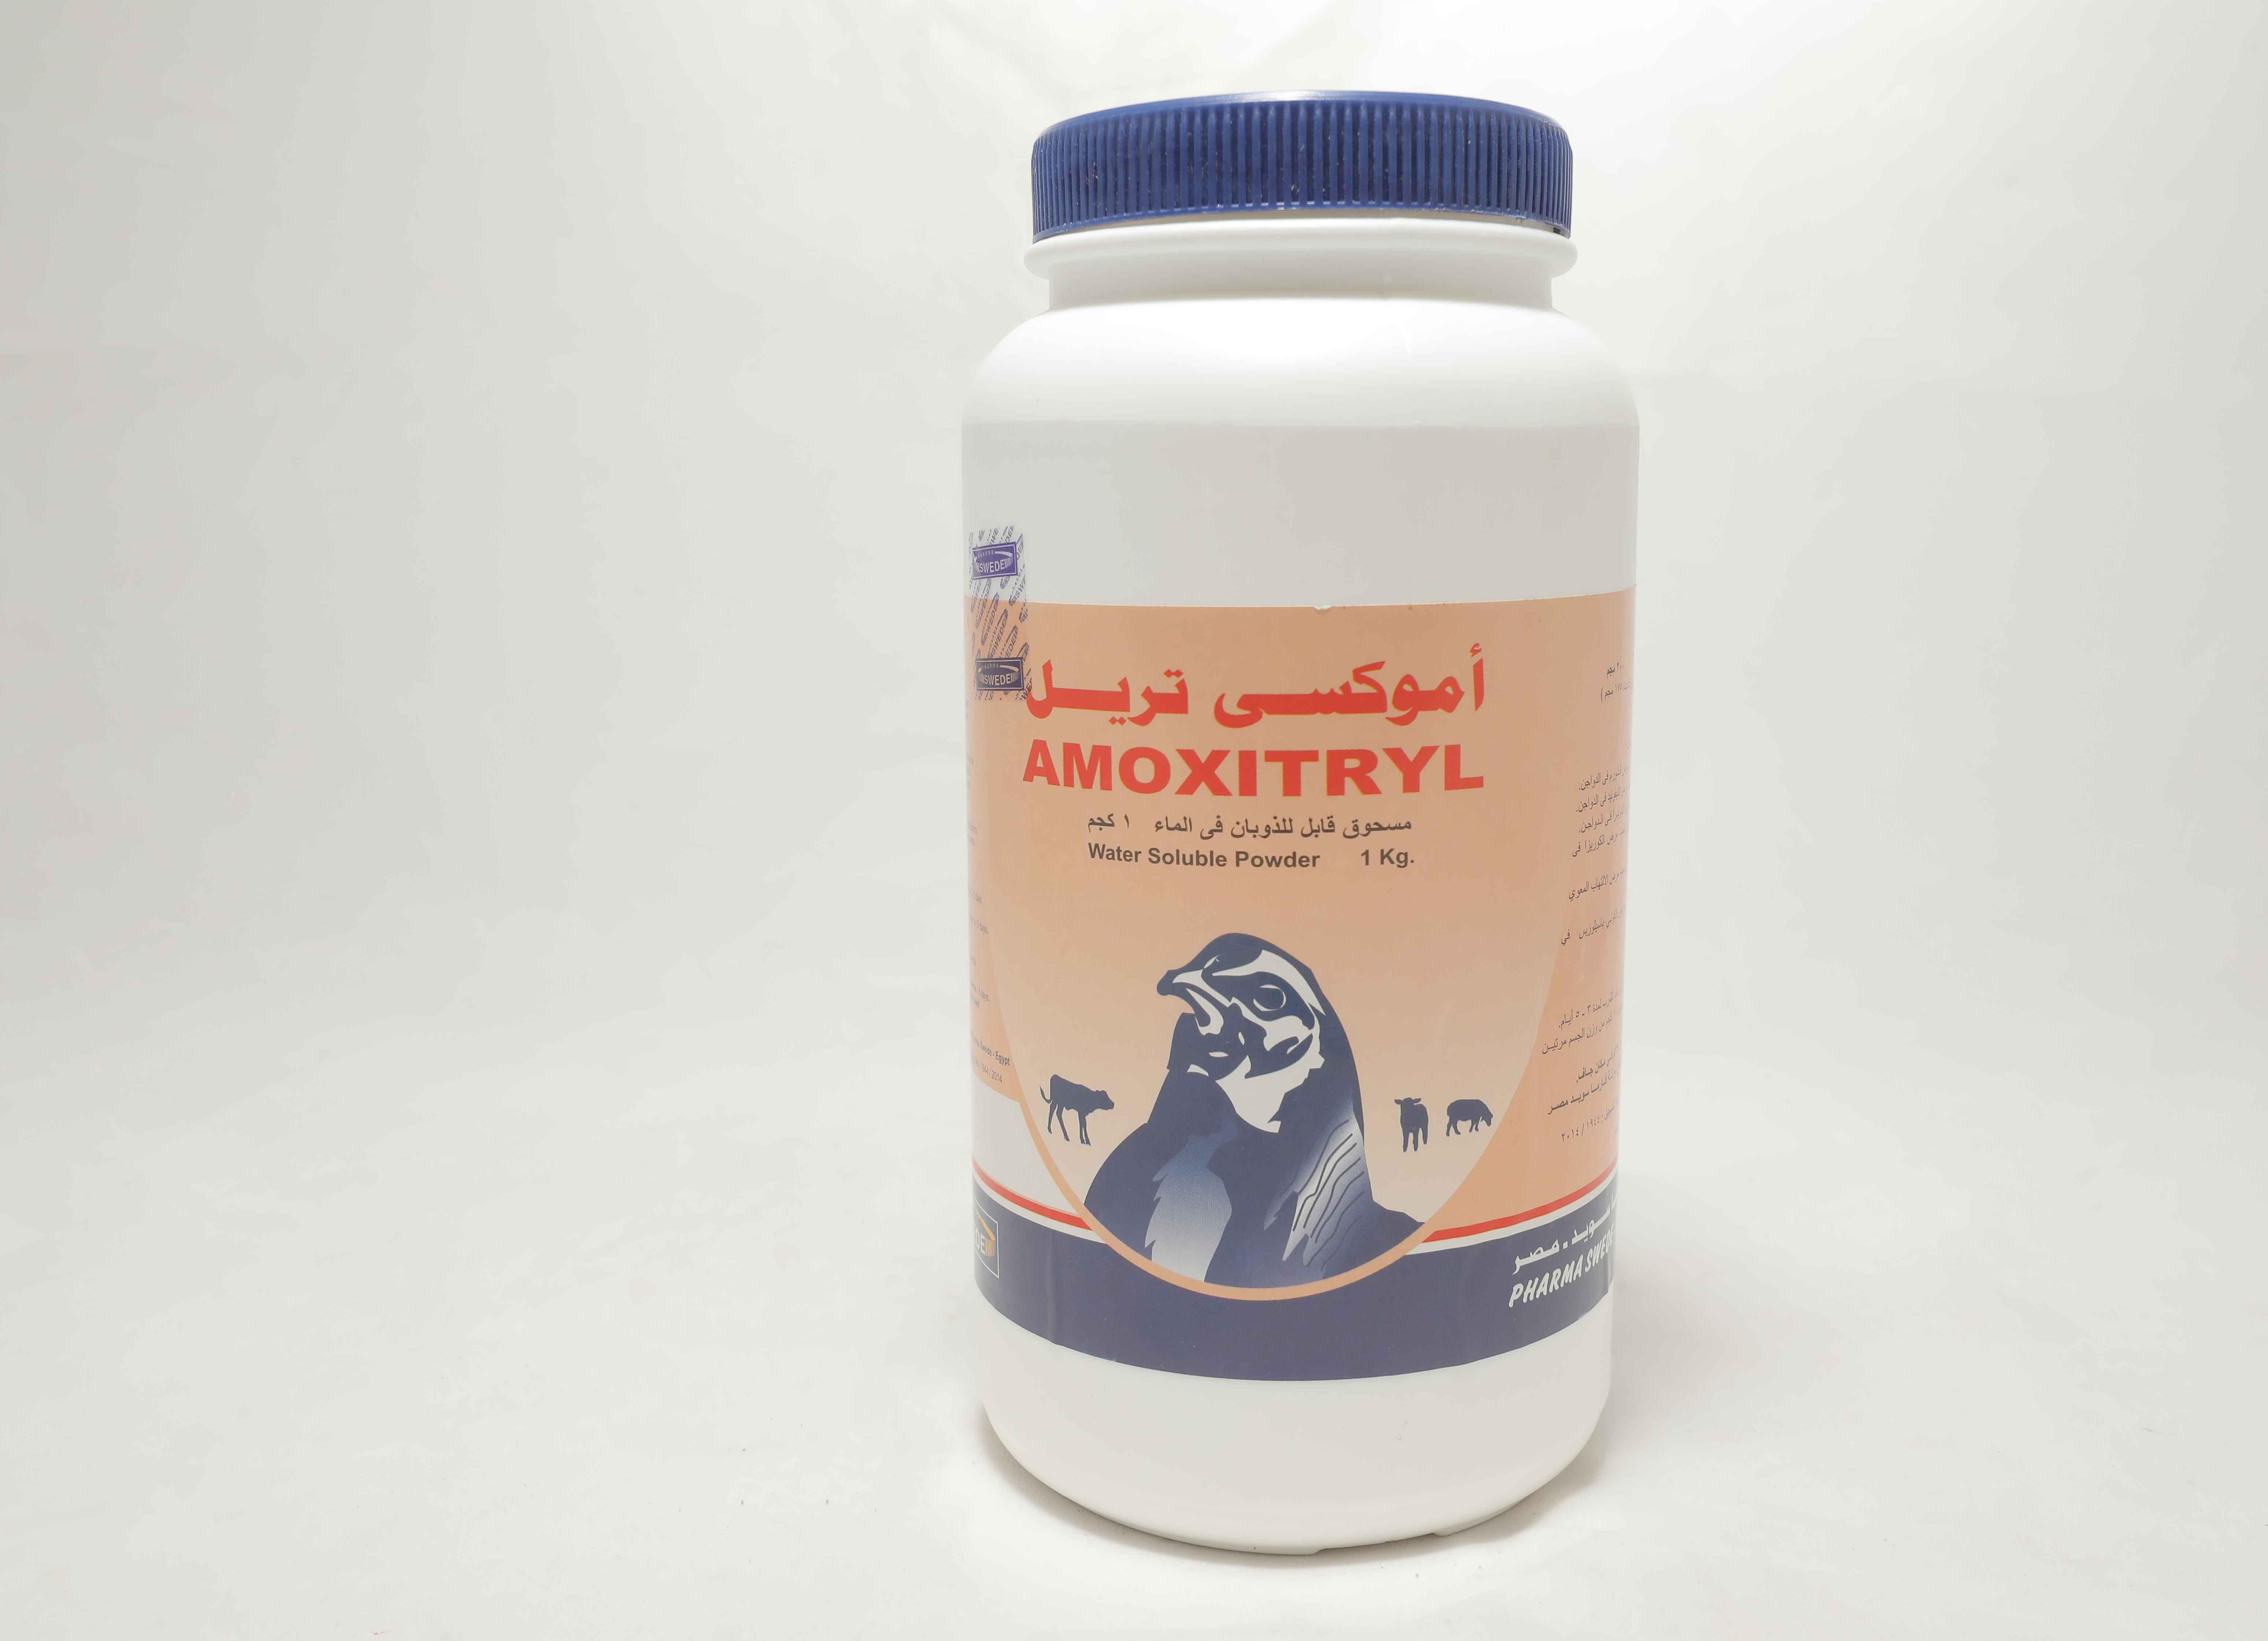 Amoxitryl WSP